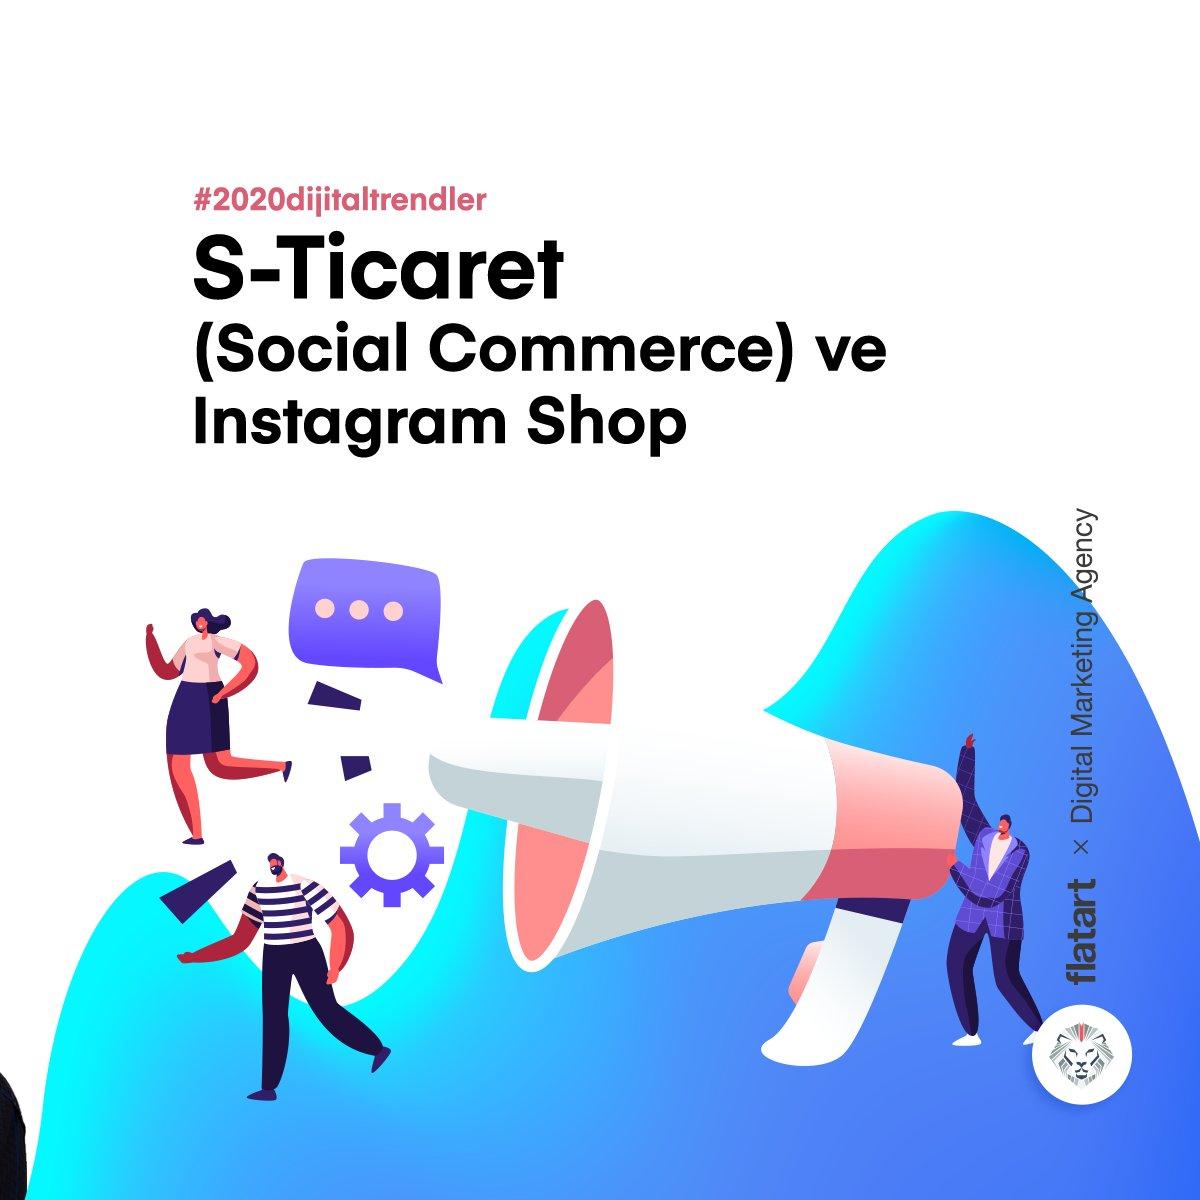 Social commerce, sosyal medya ile e-ticaretin birleşmesi anlamına geliyor.Bu özellik, ülkemize önce büyük markaların daha sonra da kademeli olarak diğer markaların kullanımına sunuldu. Kısa bir süre içinde başvuran büyük-küçük her marka; bu özelliği kullanabilmeye başlayacak. https://t.co/ogqDWp8gxg